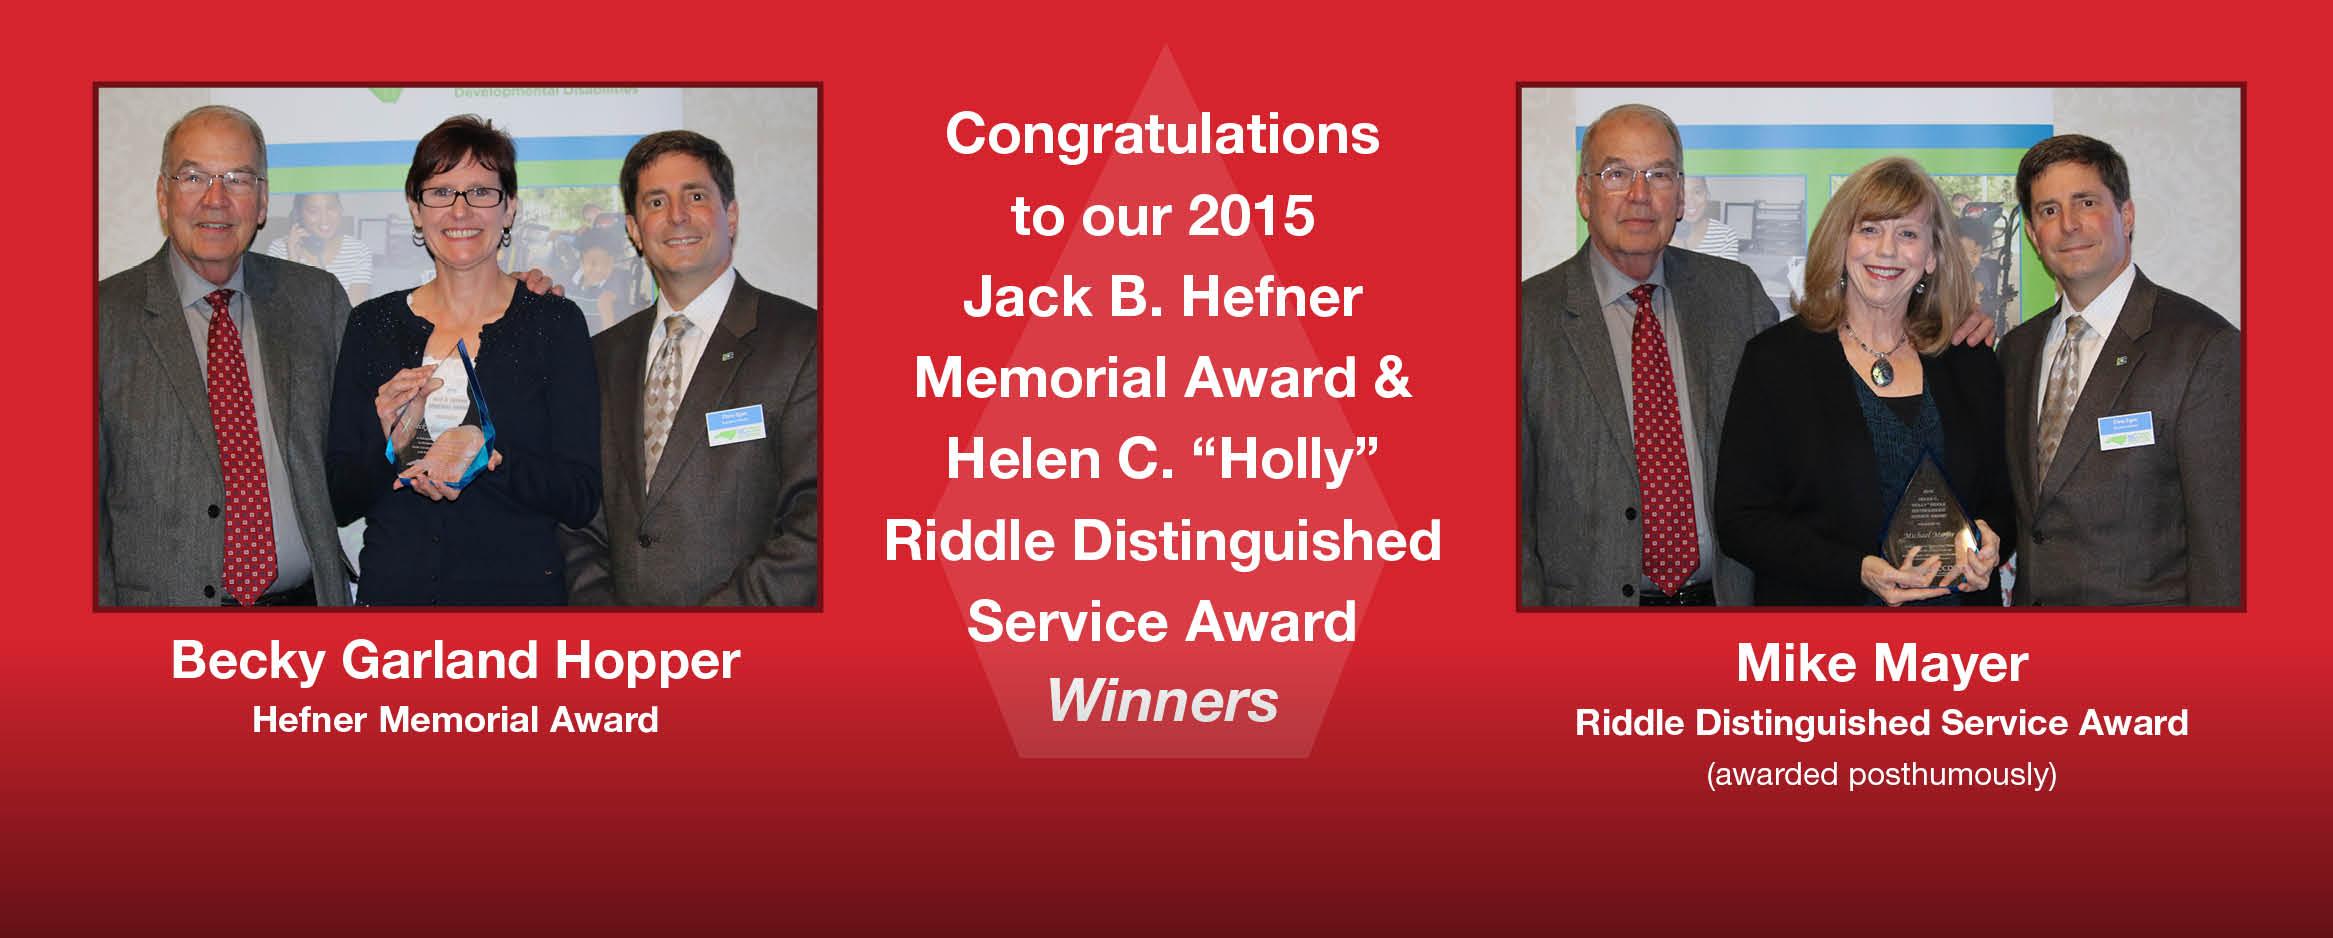 Hefner/Riddle Award Winners